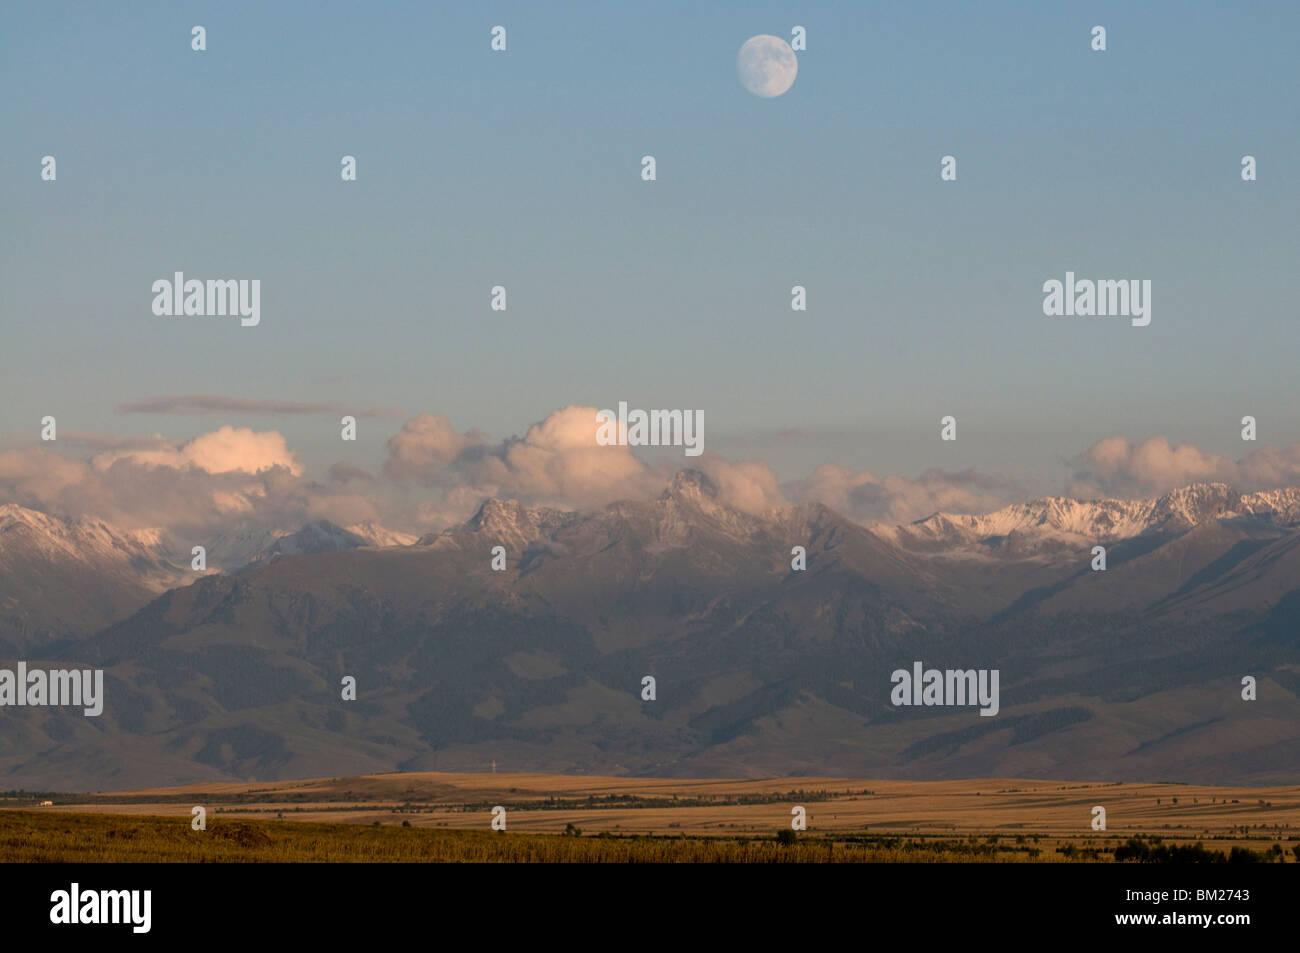 Central Tian Shan Mountain Range, Karkakol, Kyrgyzstan, Central Asia - Stock Image